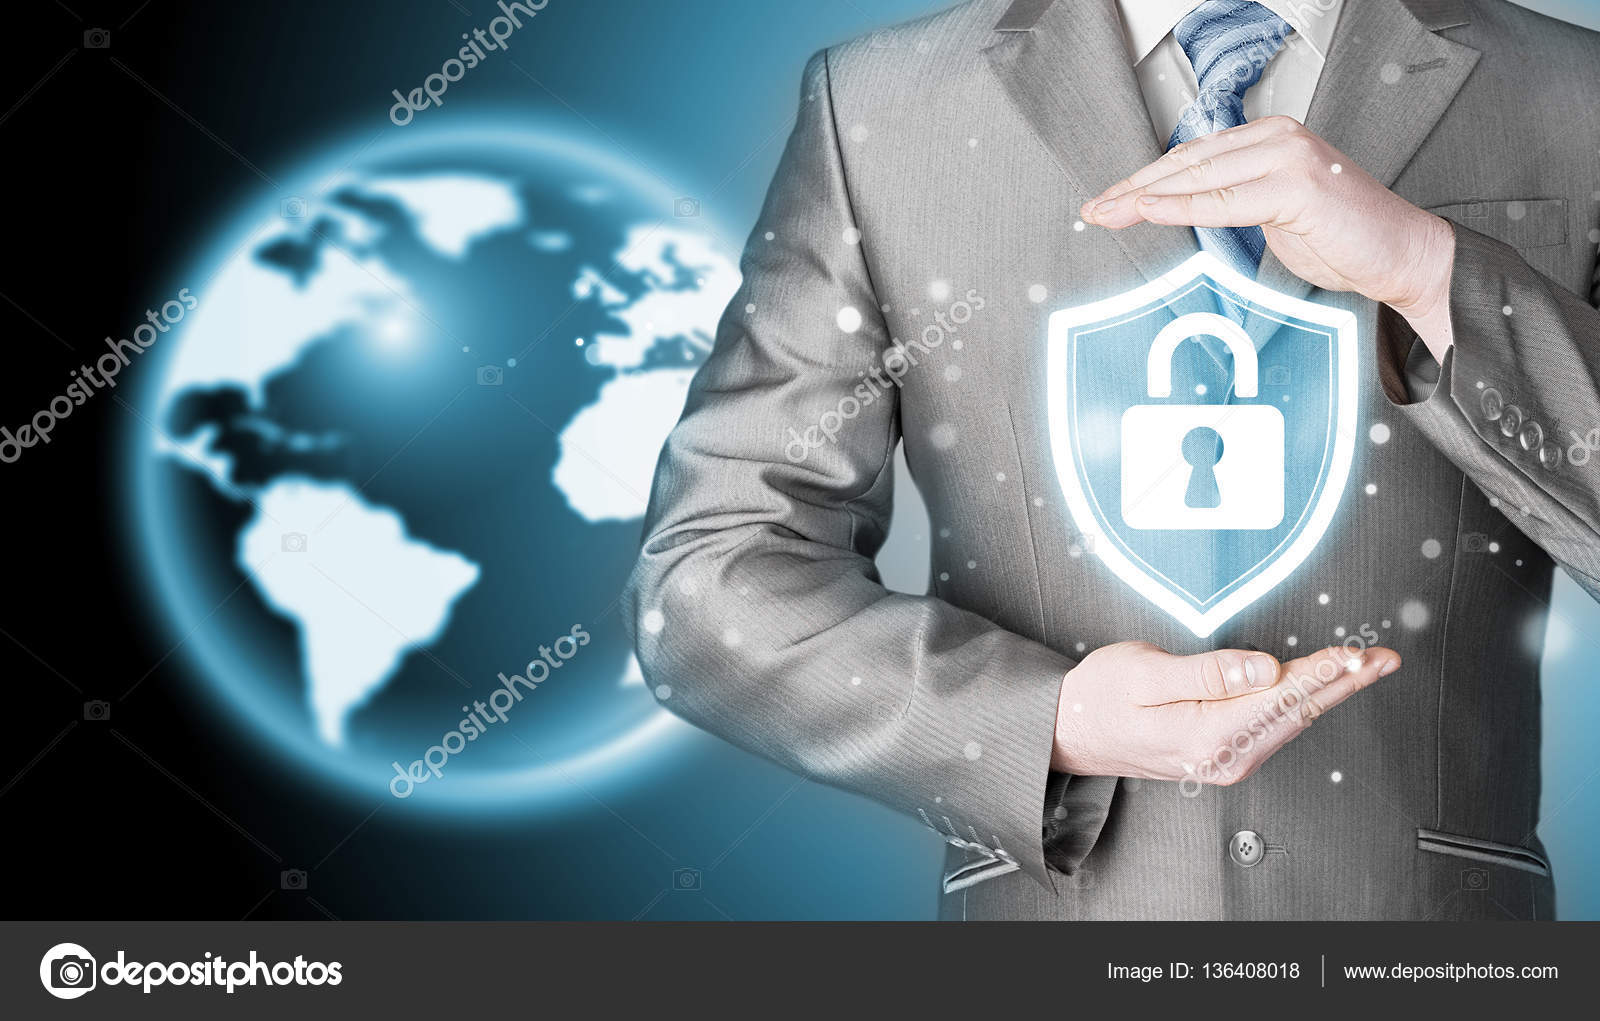 7e59c5f7a2cfe Seguro e proteção de dados — Stock Photo © merznatalia  136408018